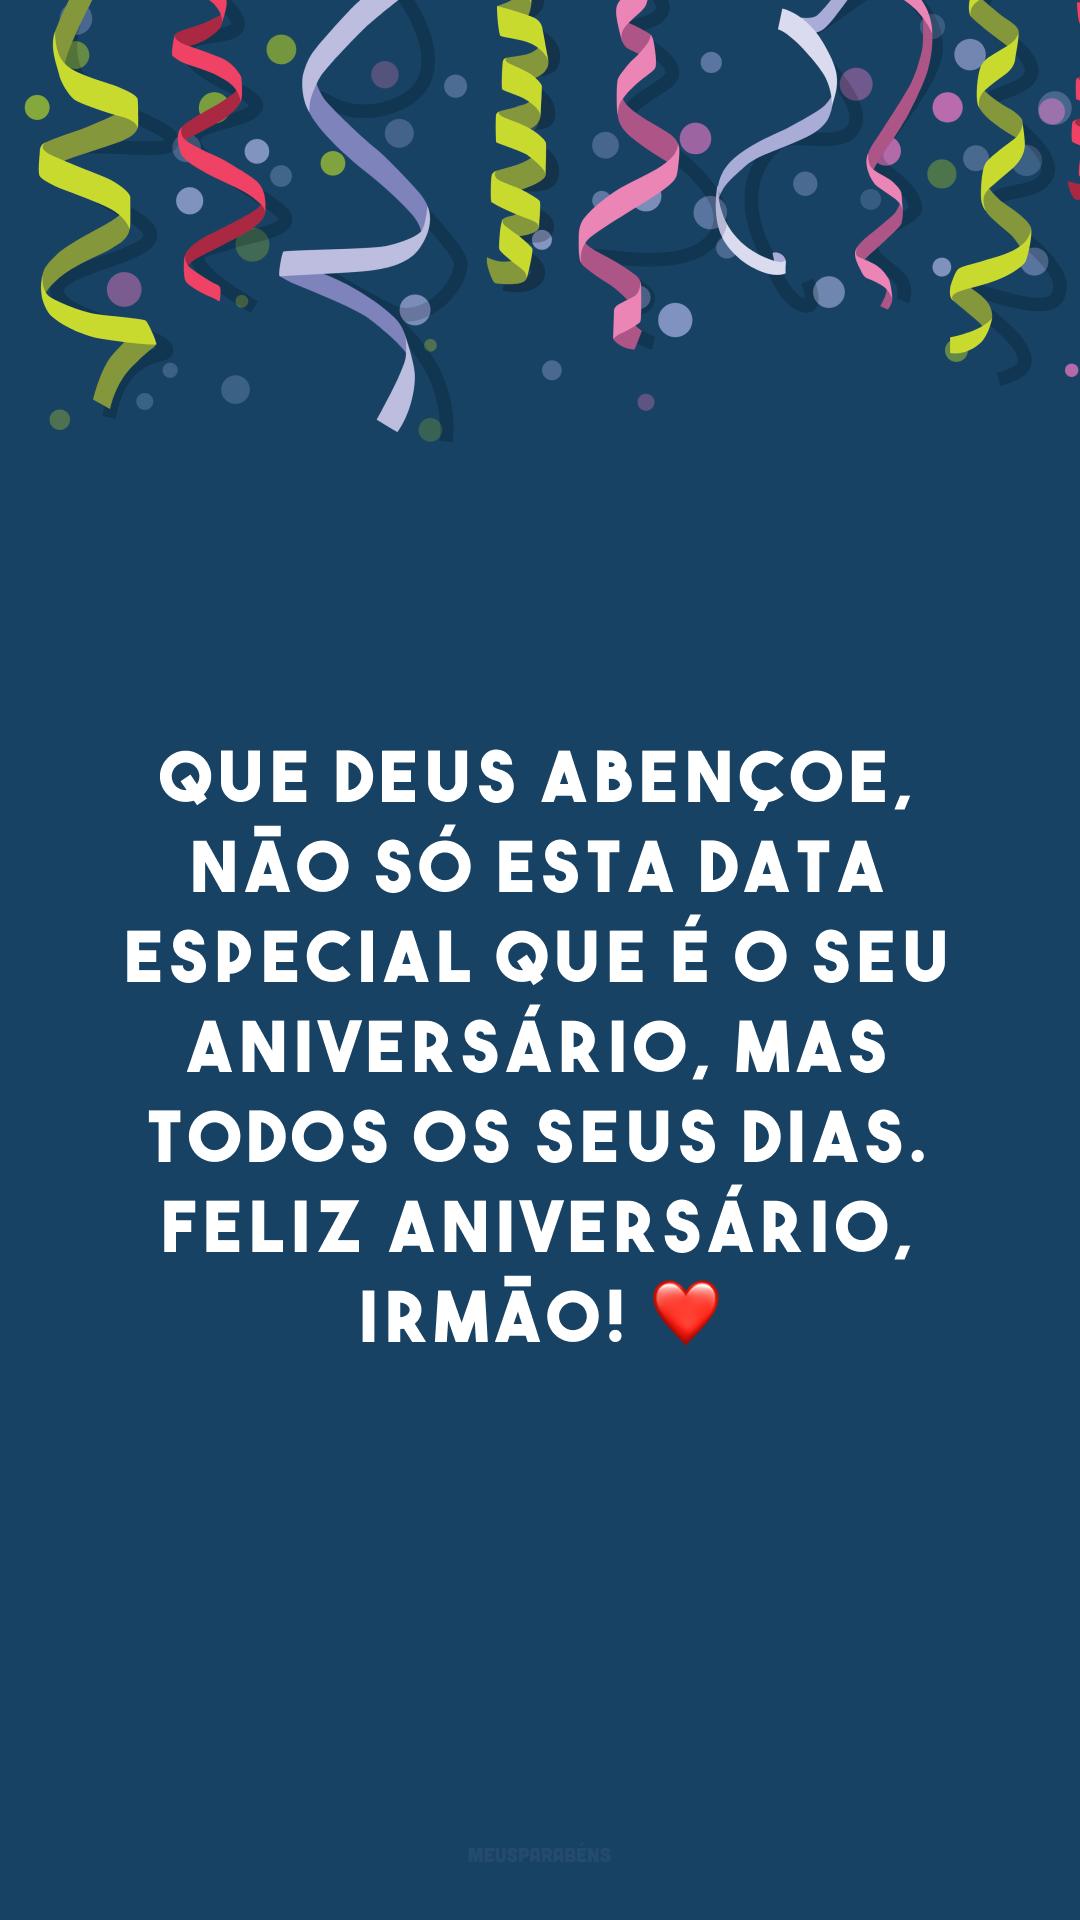 Que Deus abençoe, não só esta data especial que é o seu aniversário, mas todos os seus dias. Feliz aniversário, irmão! ❤